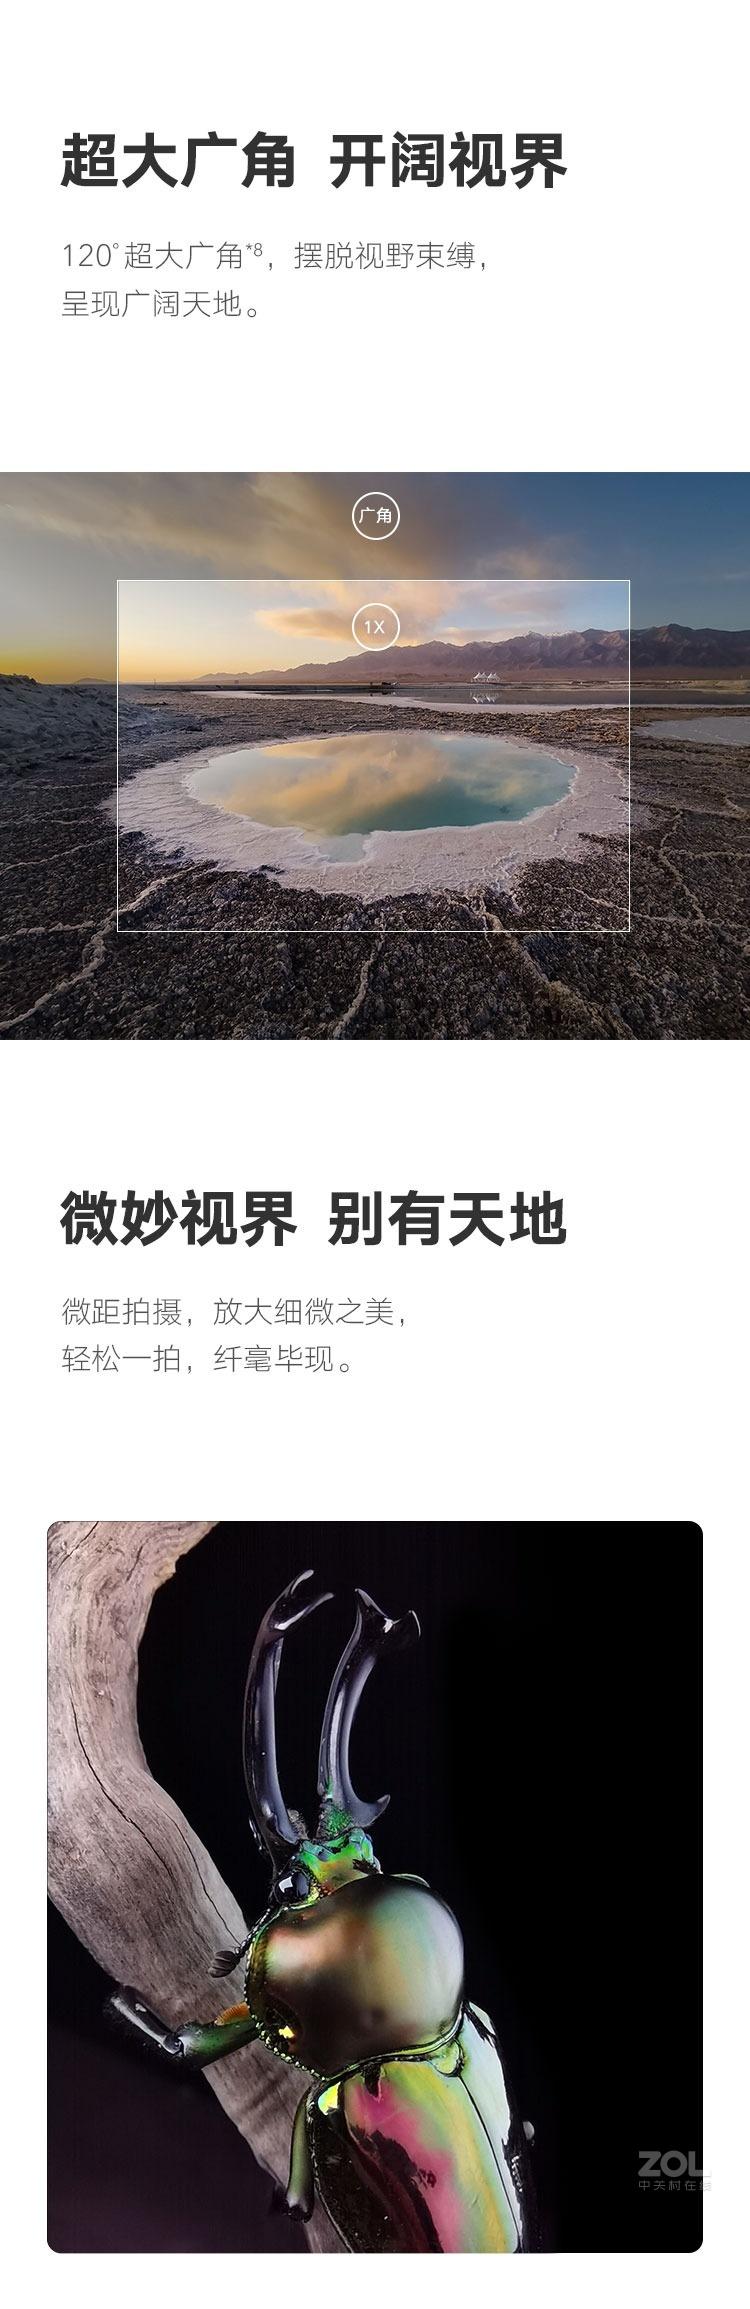 荣耀X10(6GB/128GB/全网通/5G版)评测图解产品亮点图片5